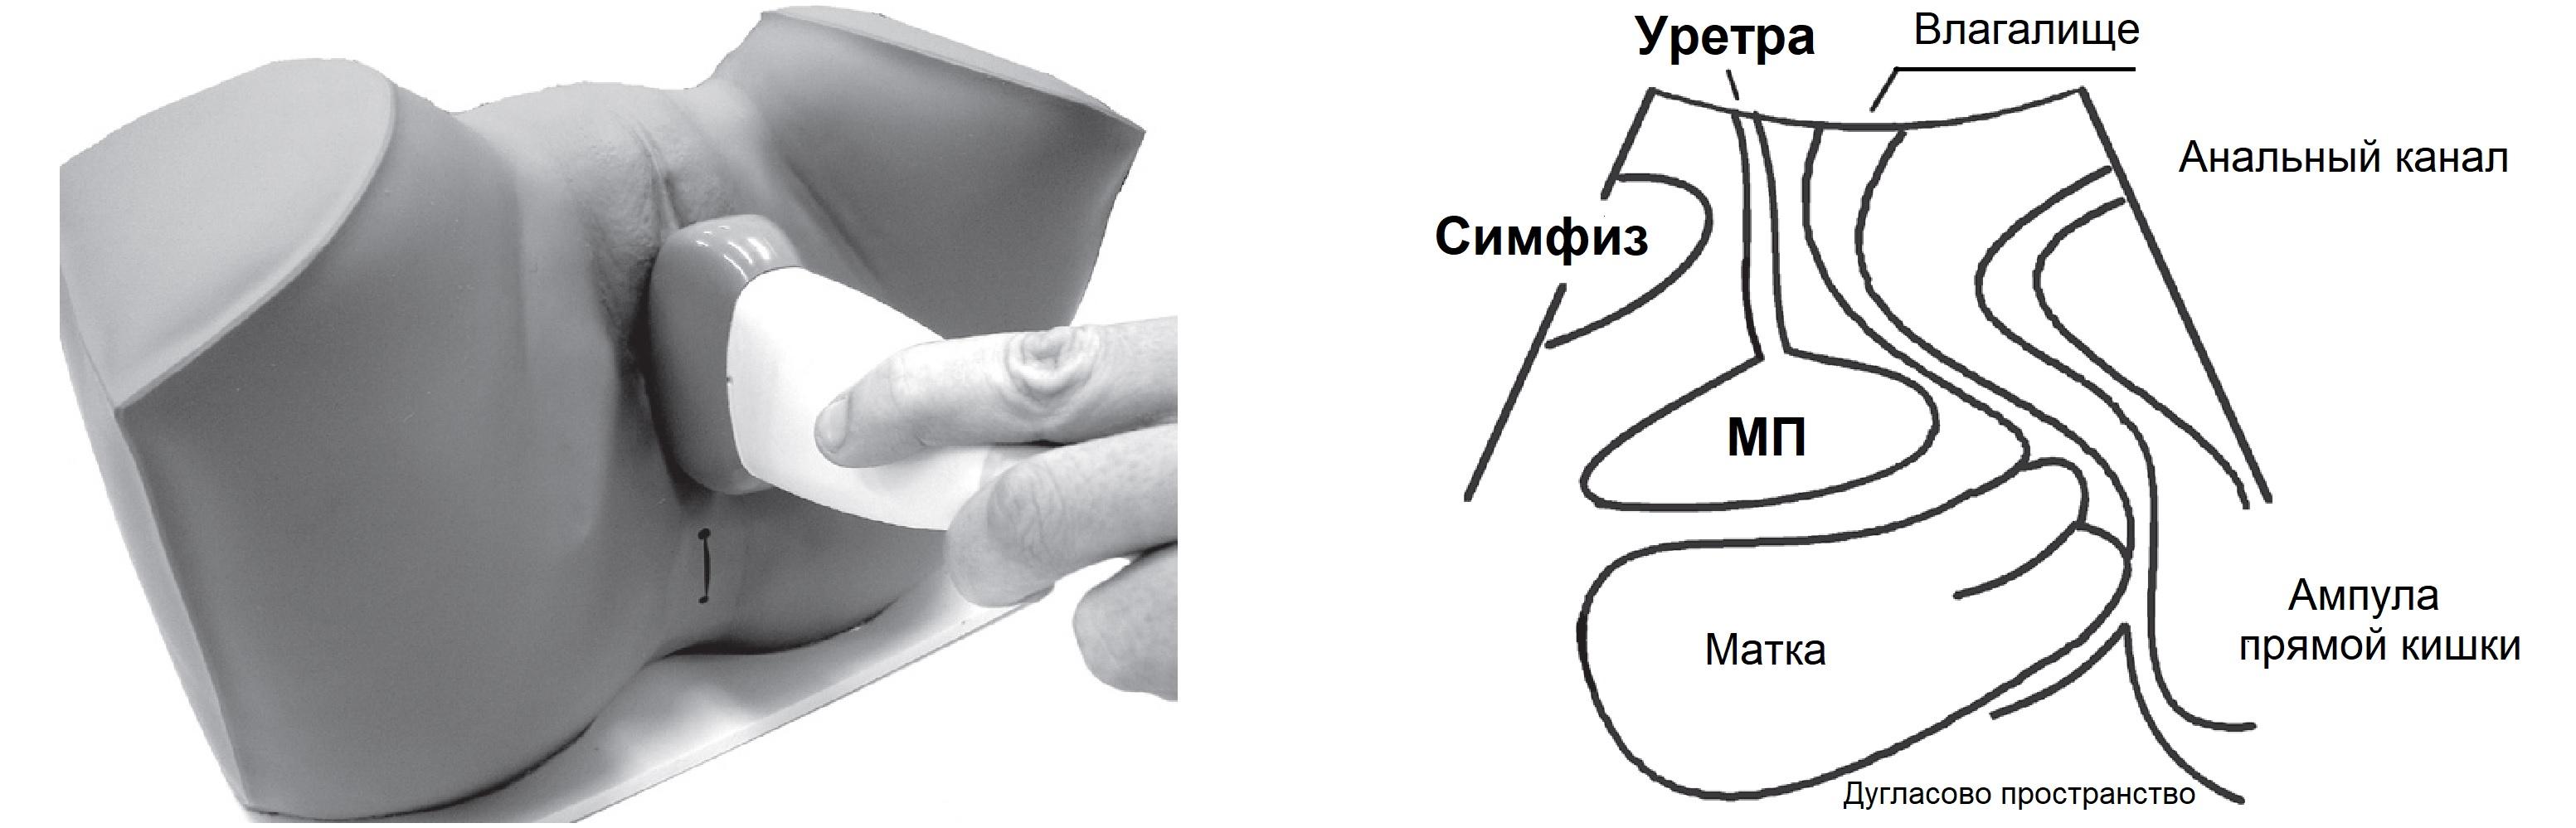 Измерить объем мочевого пузыря по узи